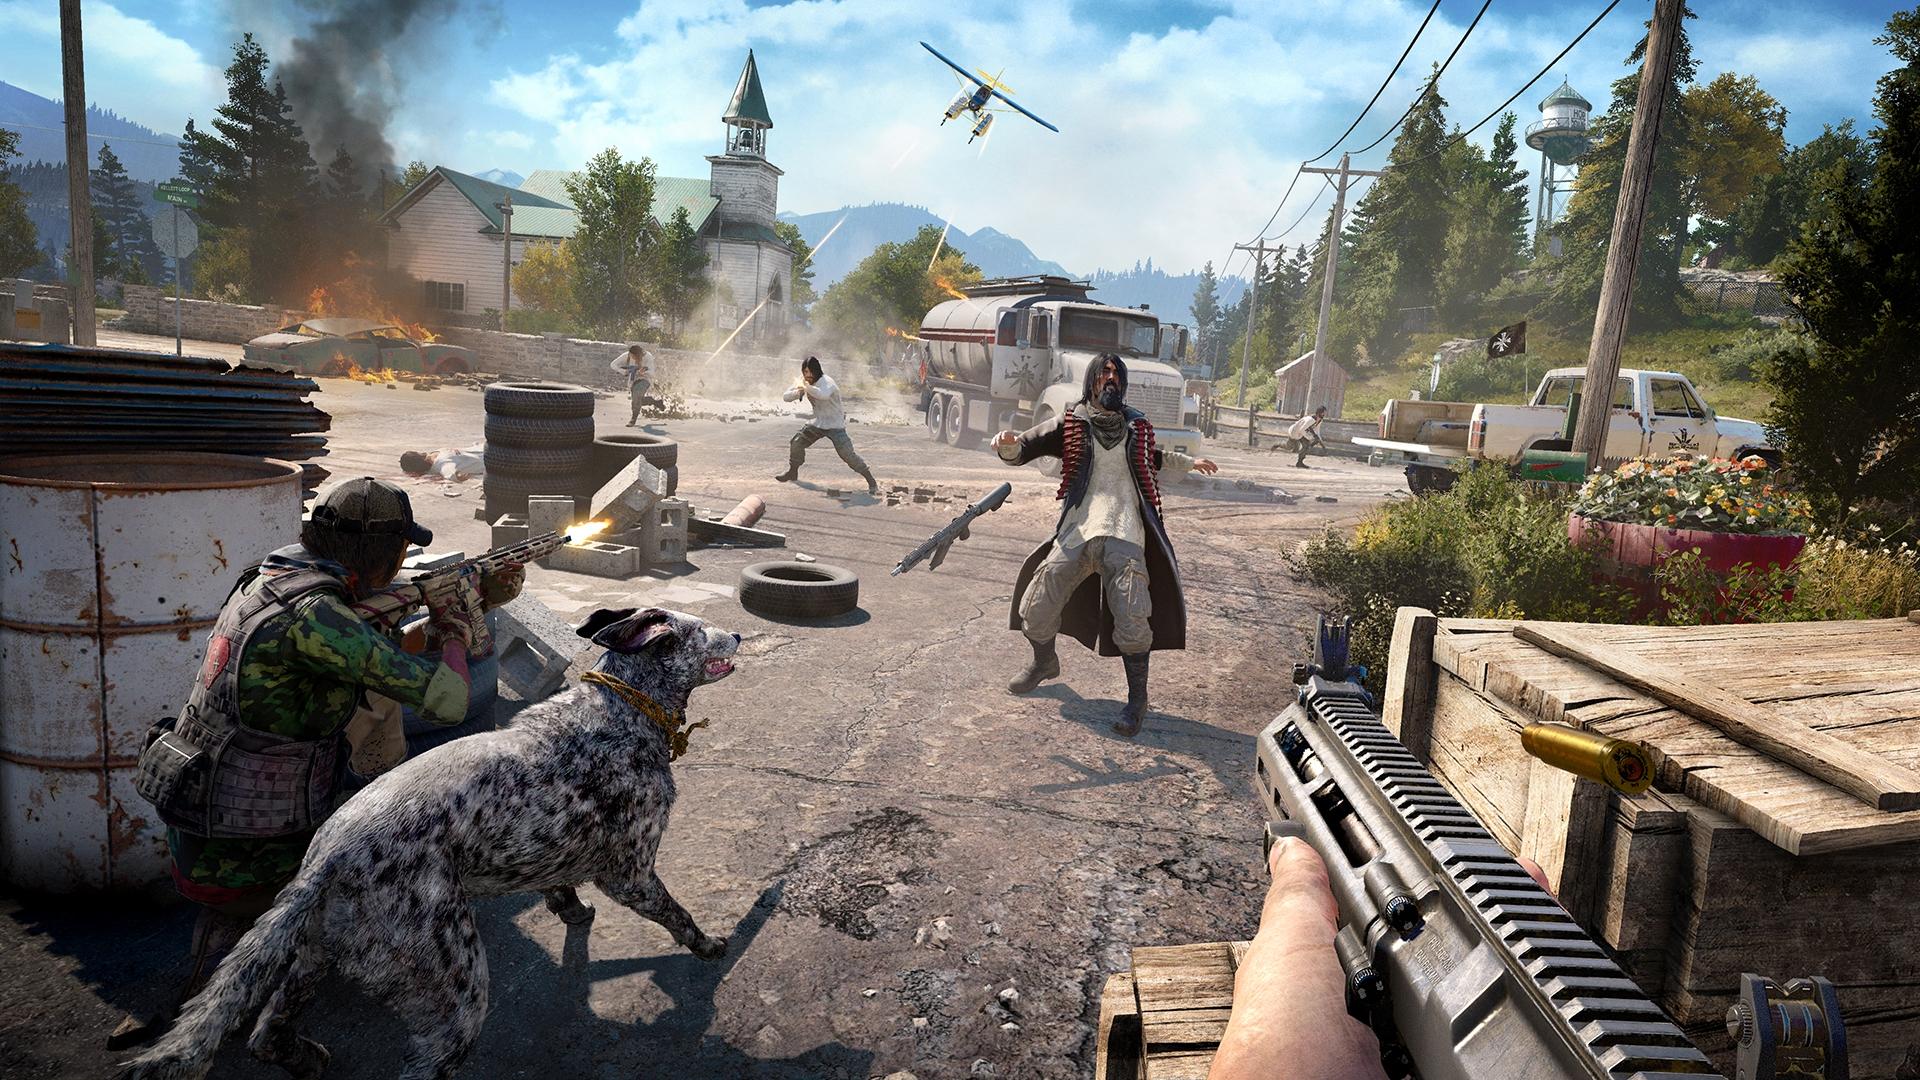 В новых геймплейных видео Far Cry 5 показали управление транспортом и диких зверей